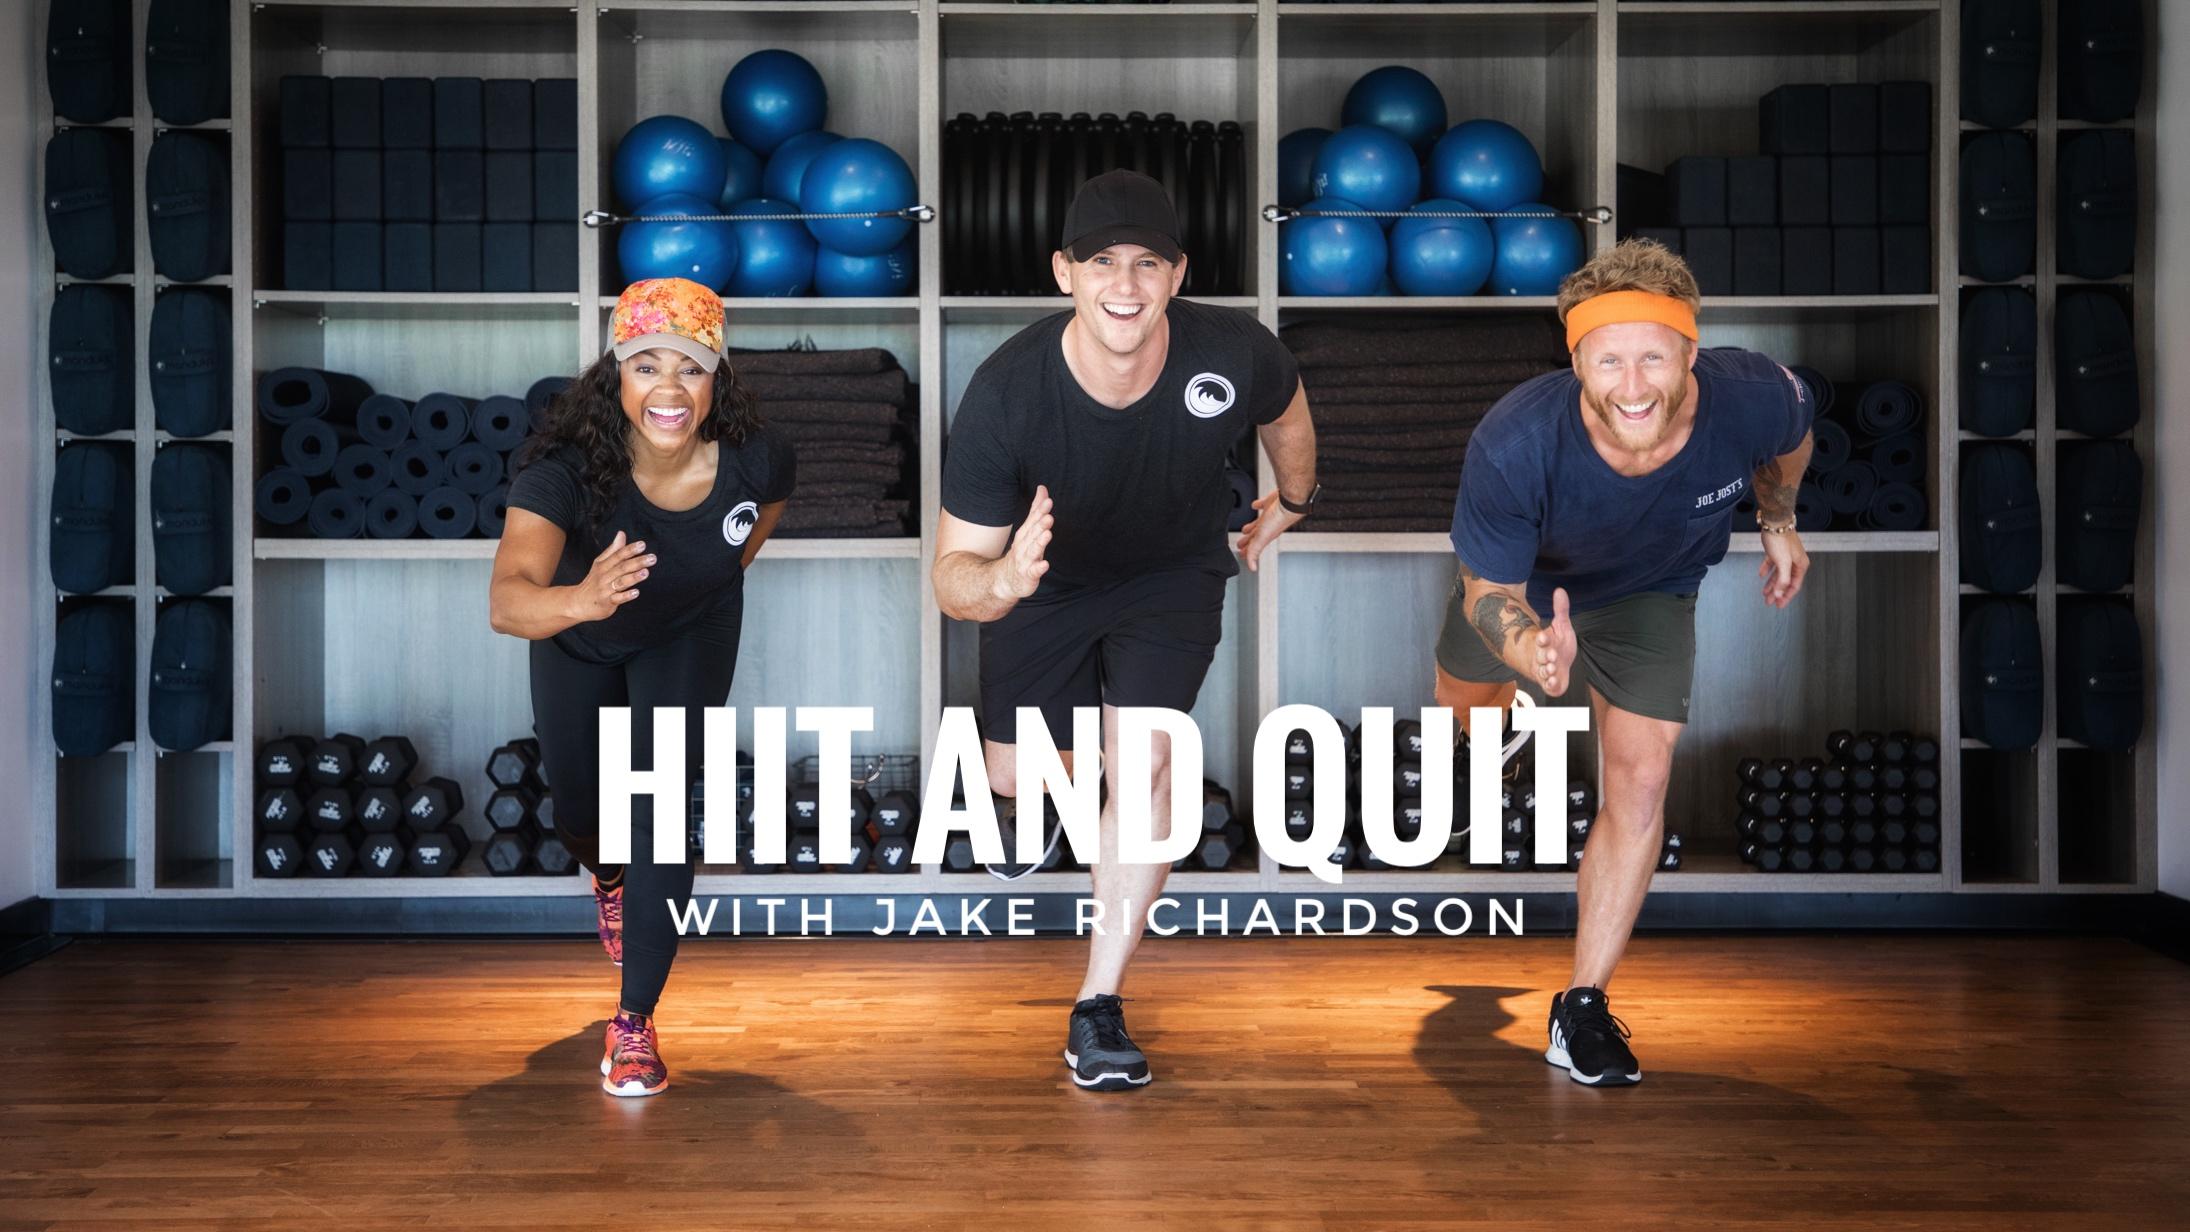 H.I.I.T. and Quit with Jake Richardson